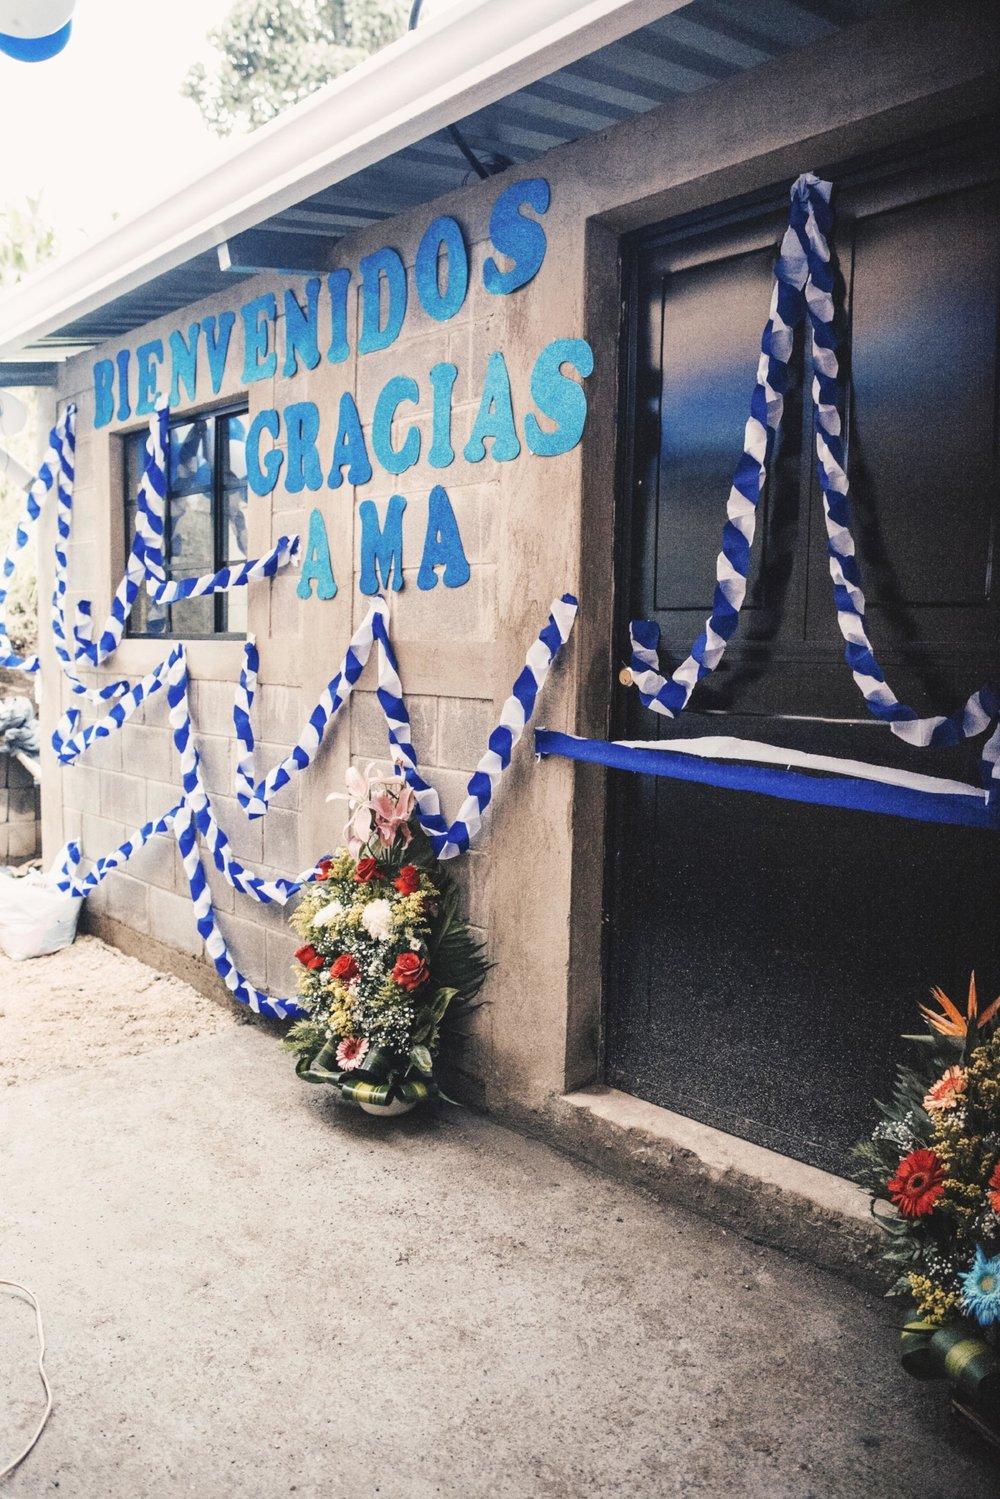 Ceremony at the rural school Las Lagunas Cuaches.